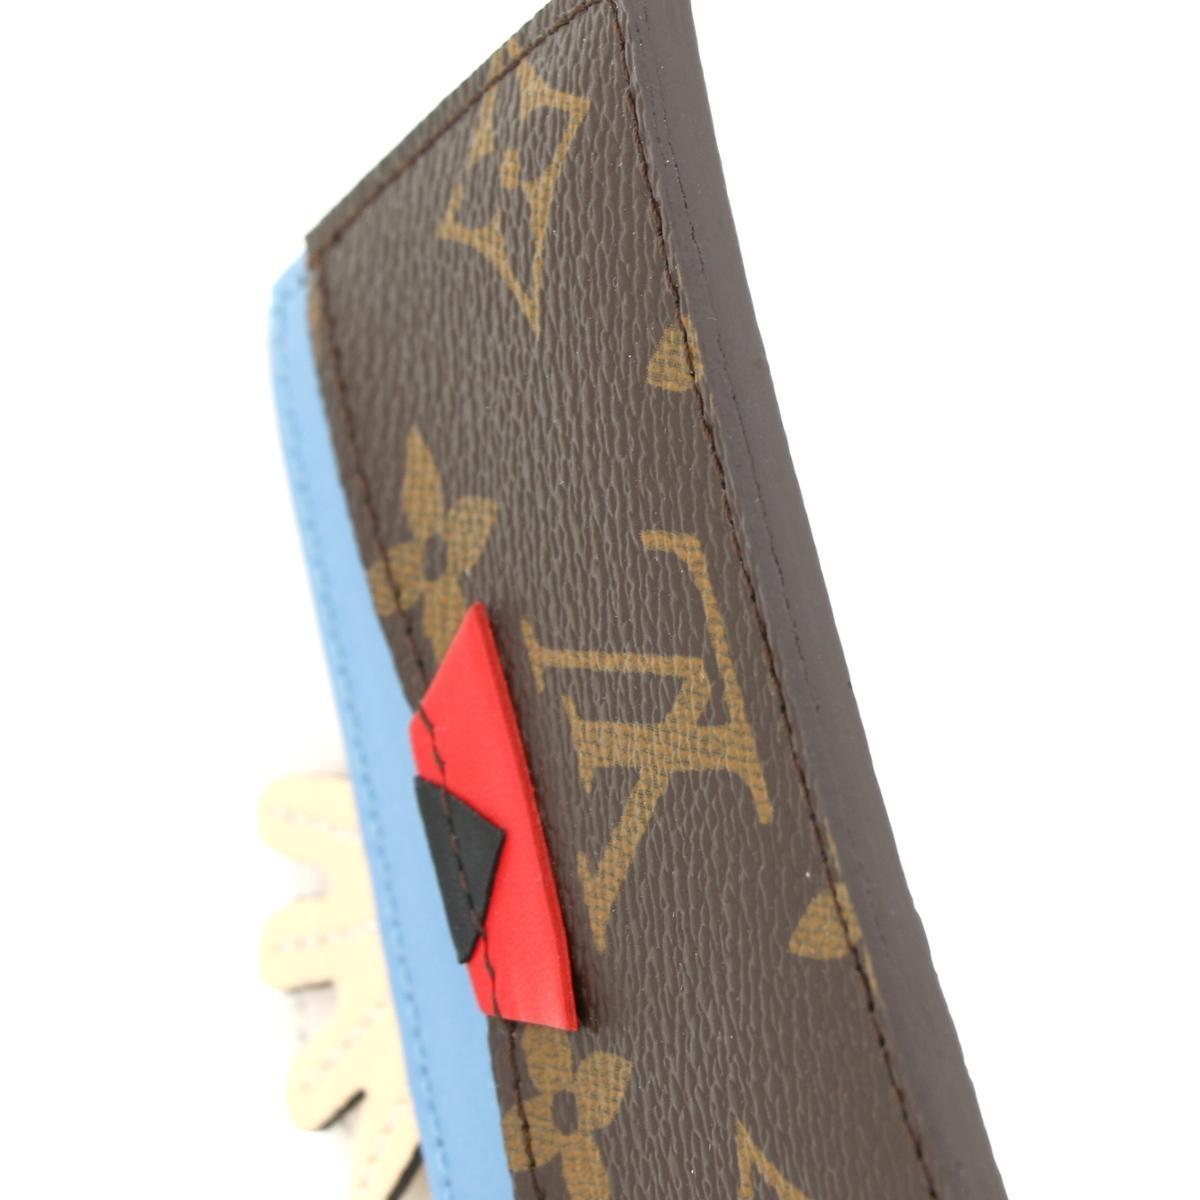 【SALE】【中古】LOUIS VUITTON ルイヴィトン ポルト カルト・サーンプル 2014-2015 小物 名刺入れ/カードケース Monogram Mask マルチカラー M60787 unused:S